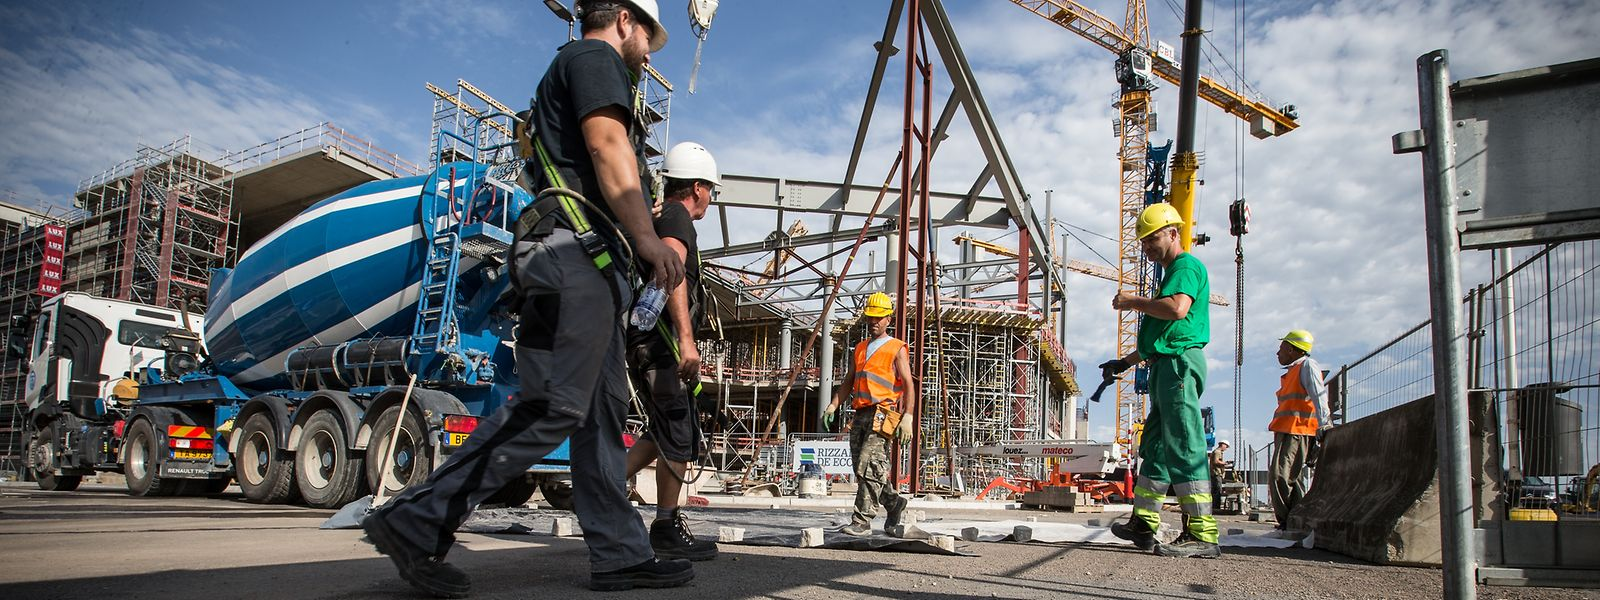 Die Baubranche verzeichnet einen Rückgang von 1,5 Prozent gegenüber dem zweiten Quartal.